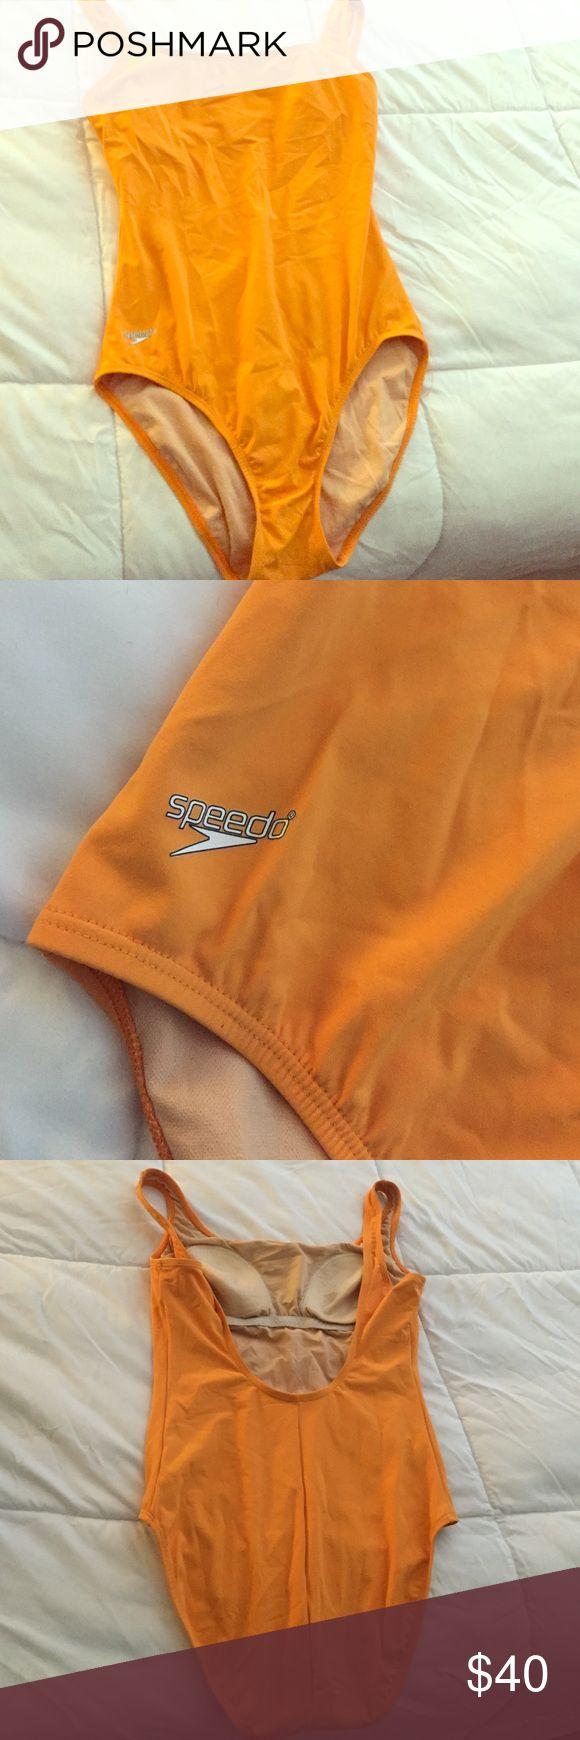 ☀️ Orange Speedo ☀️ Brand new. Never worn. Orange one piece speedo. Very unique color for speedo. Great fit. Speedo Swim One Pieces